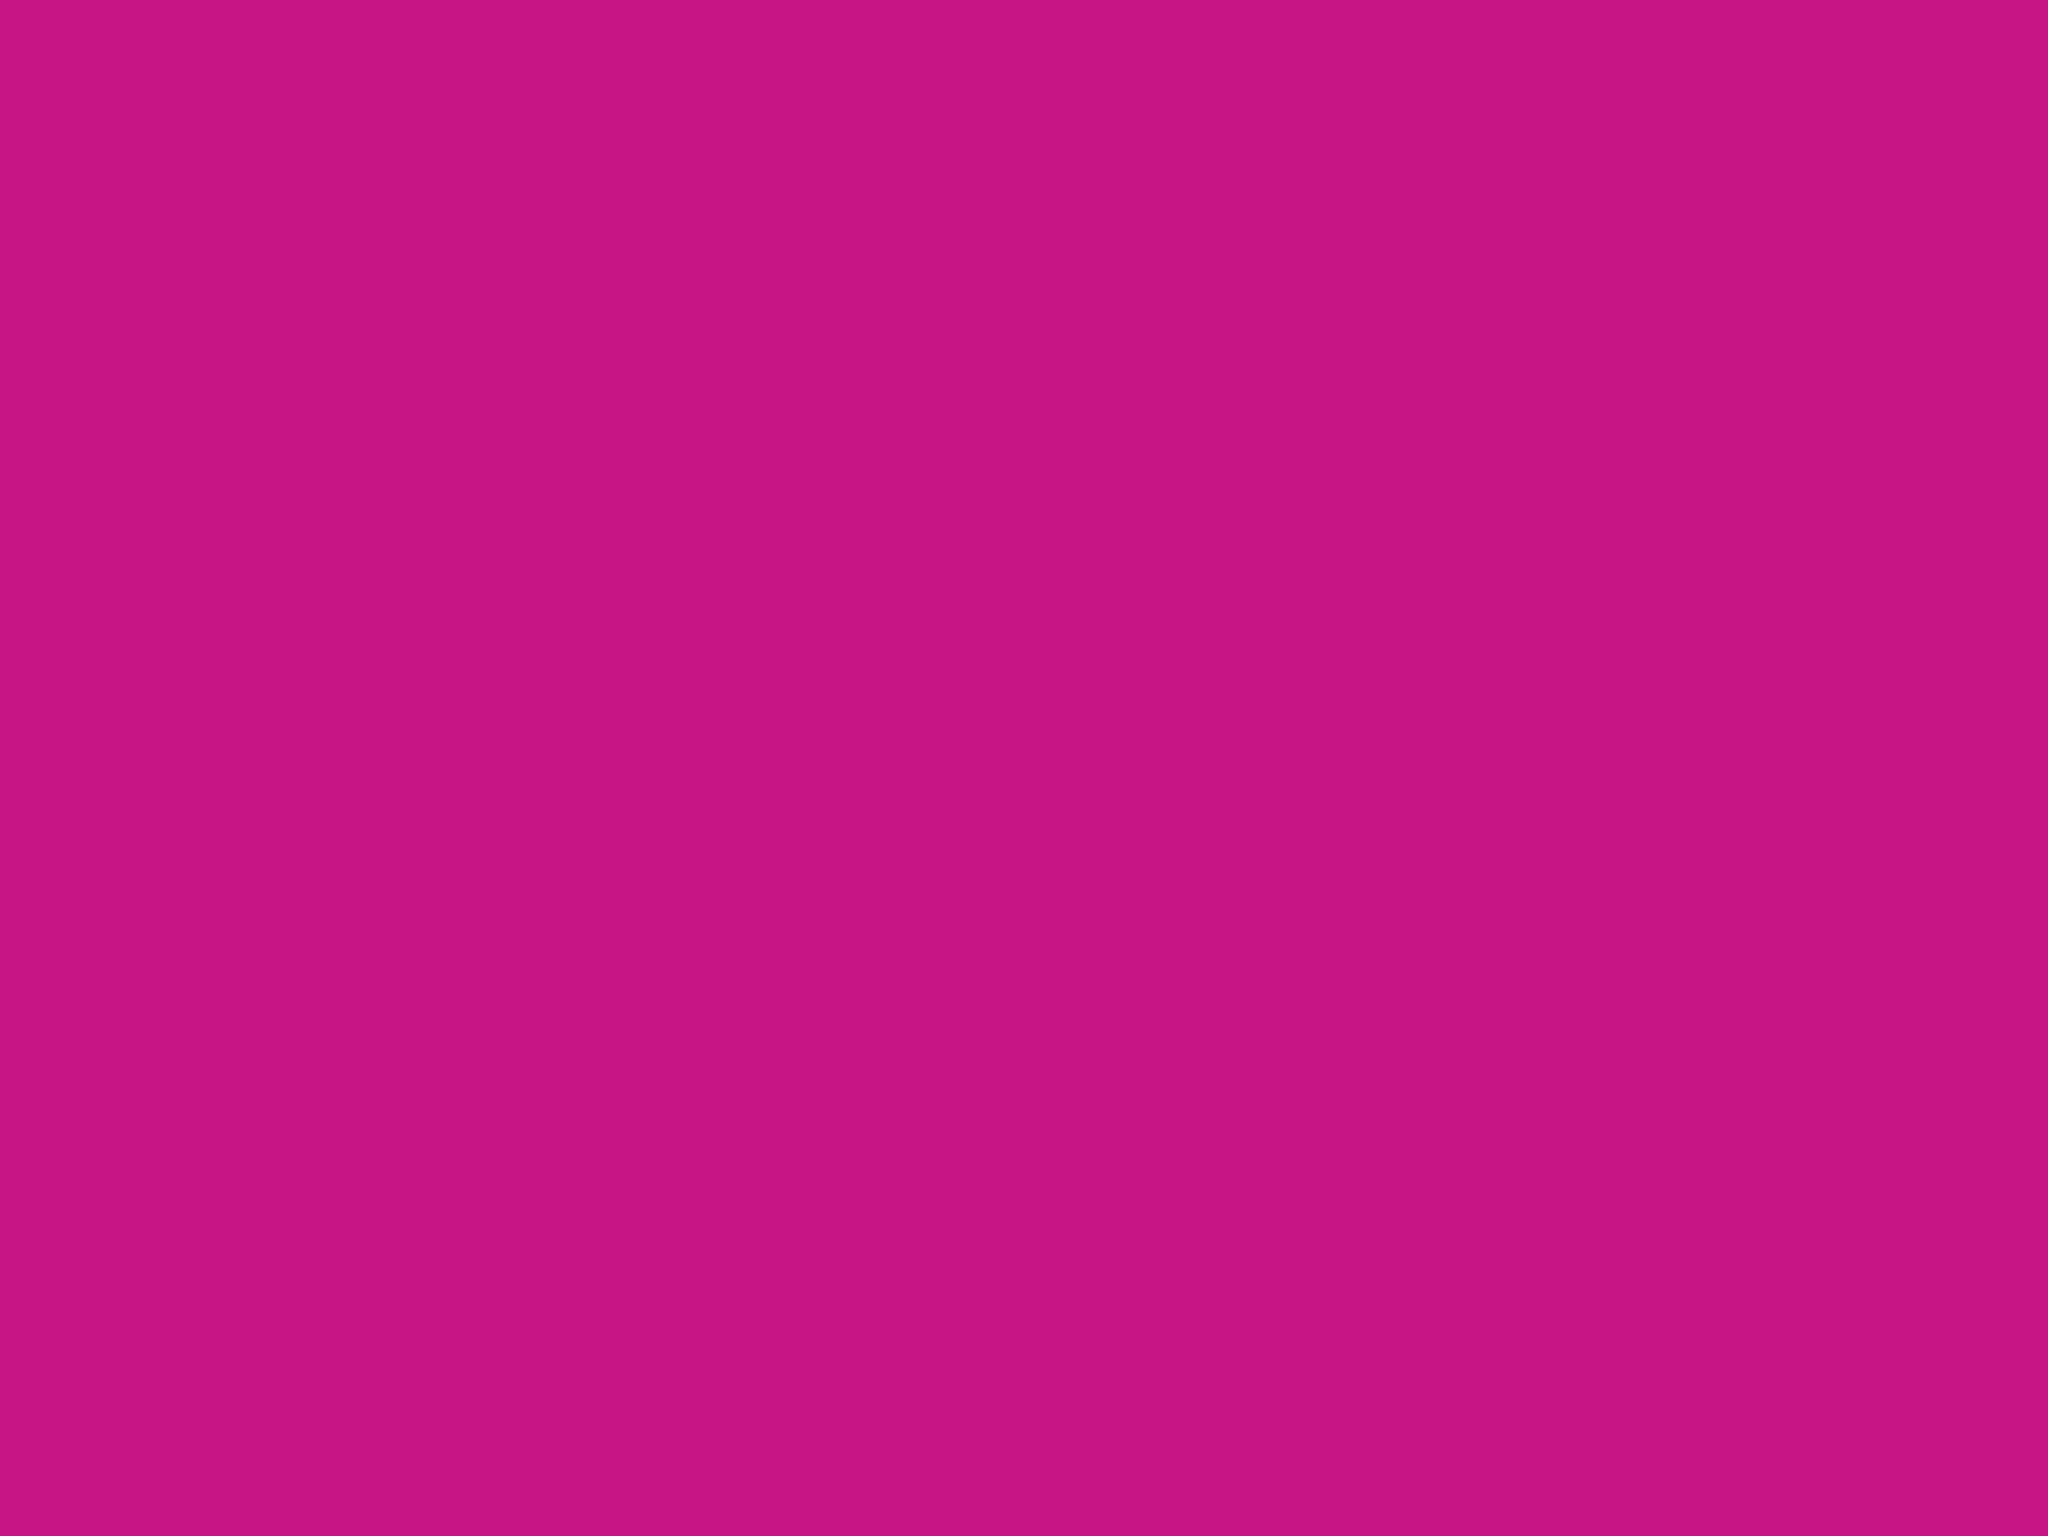 2048x1536 Red-violet Solid Color Background